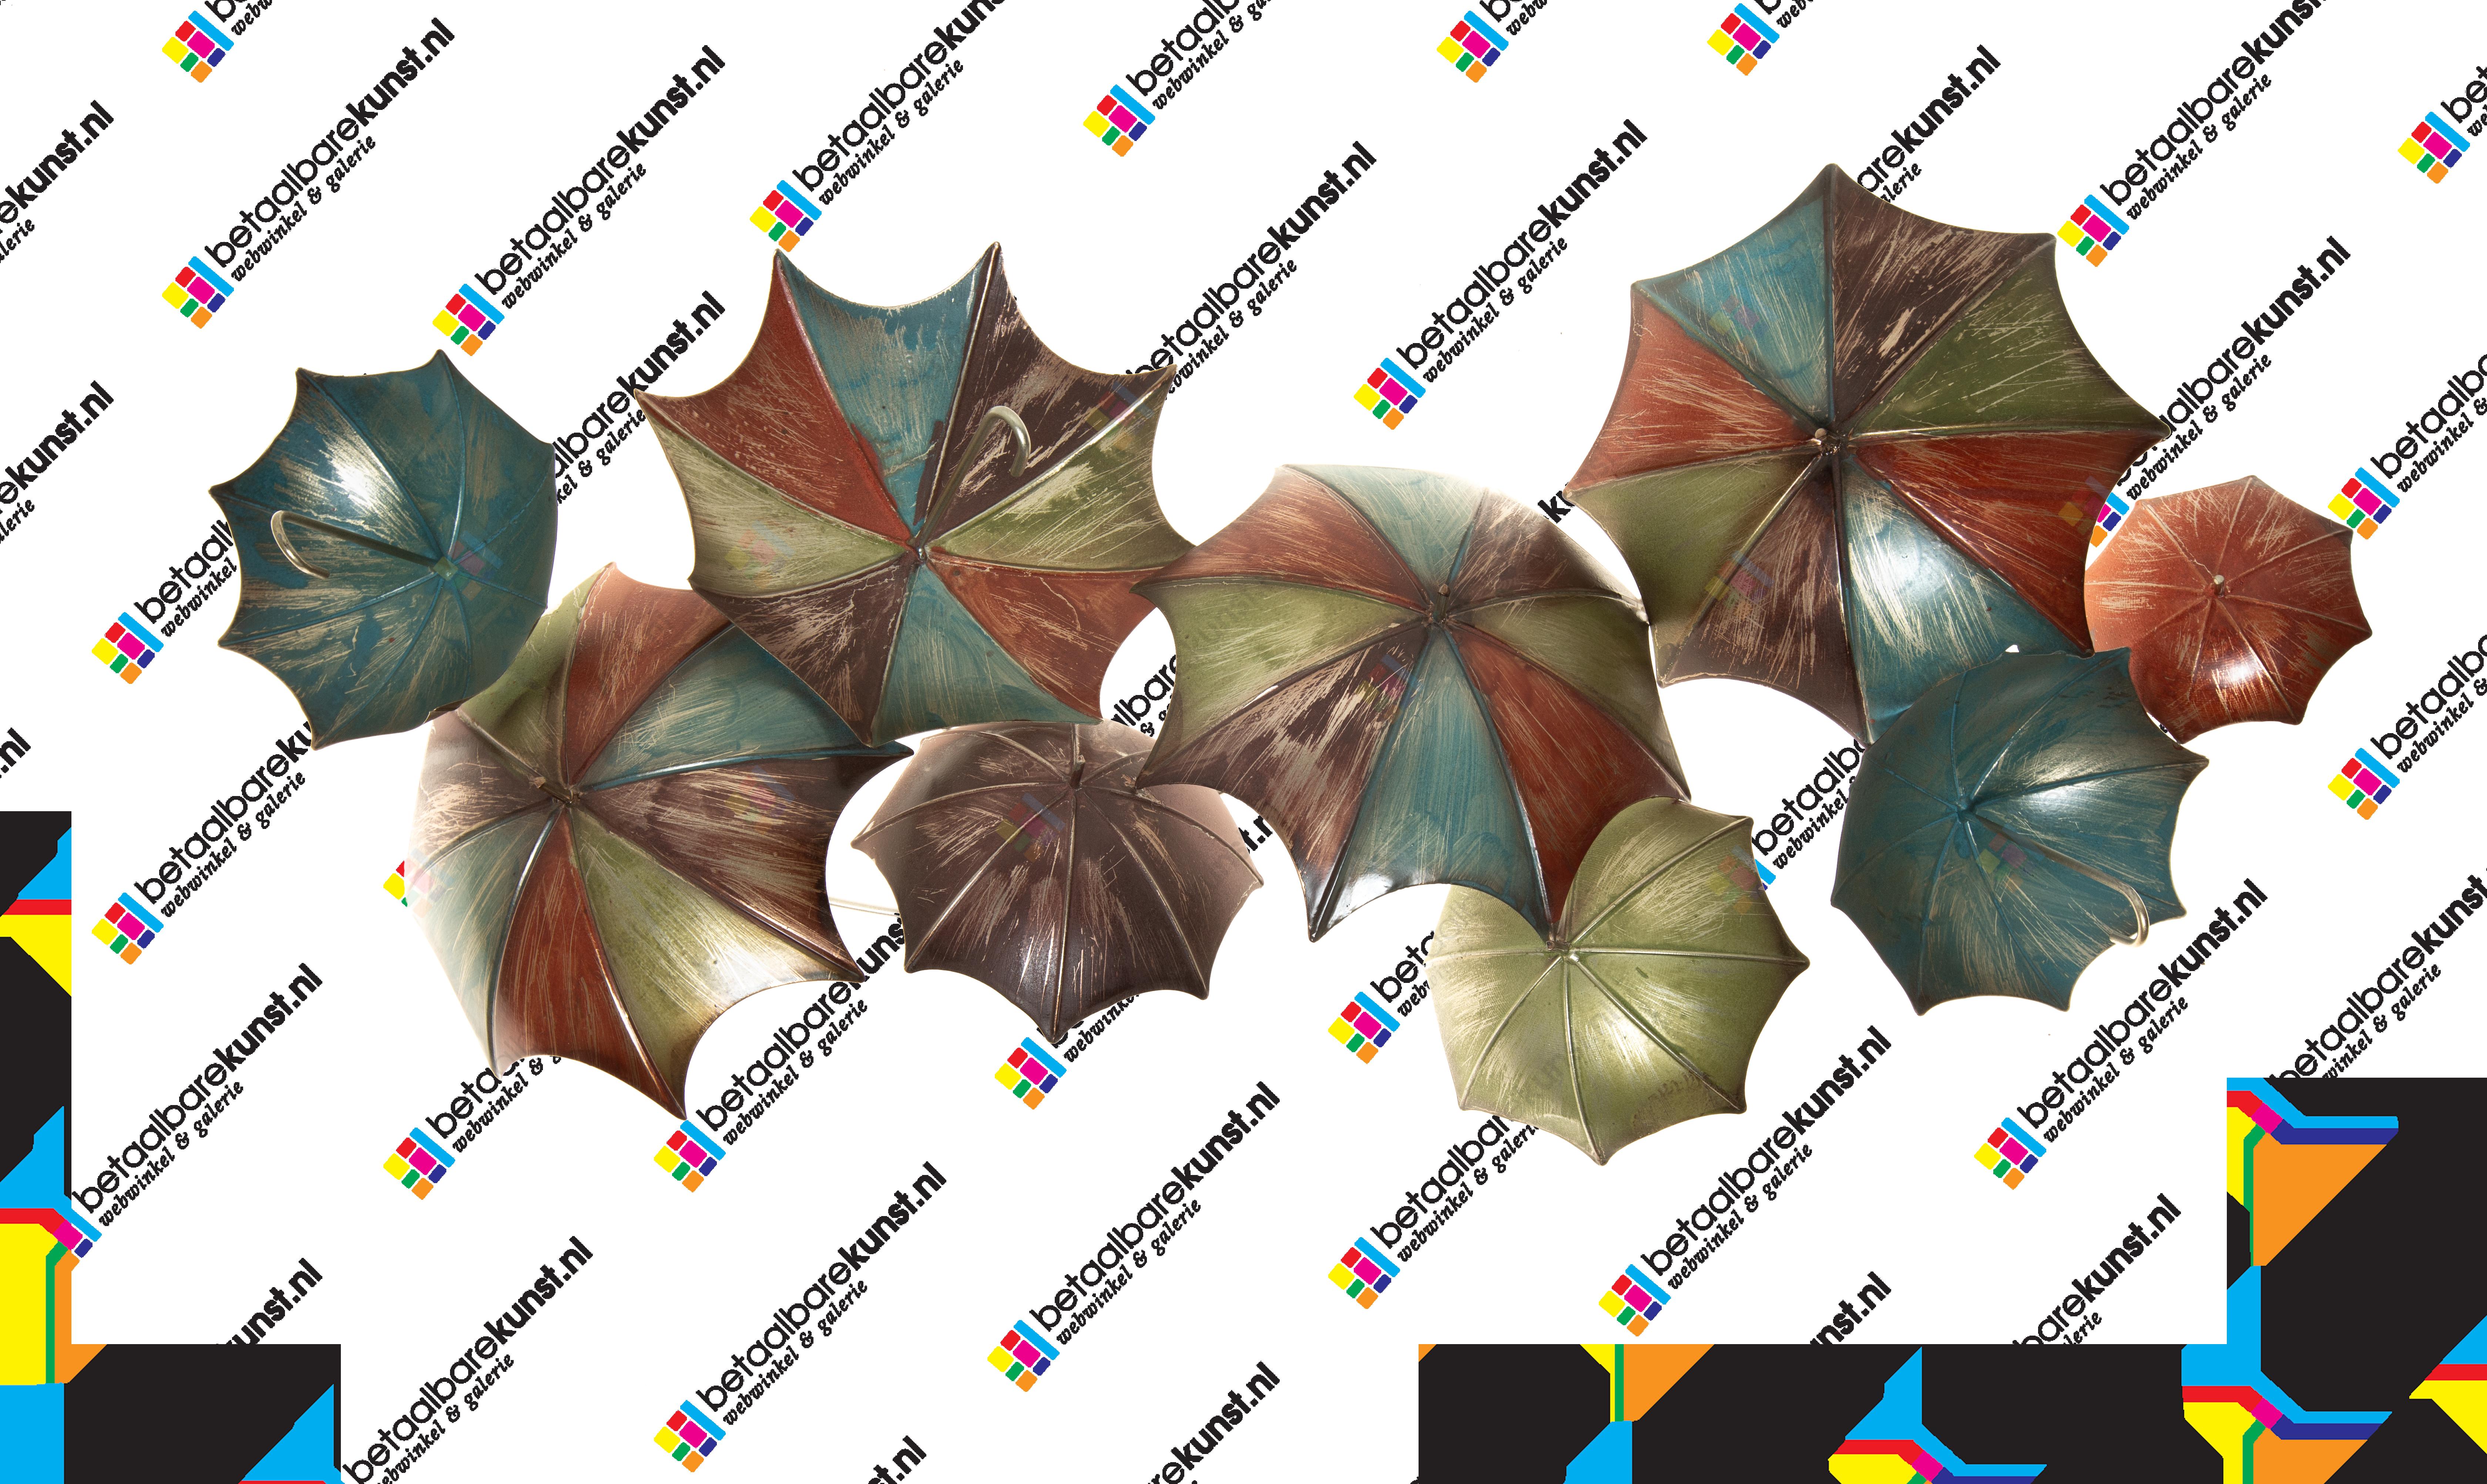 Pluutjes-Betaalbarekunst-3DKunstwerken-1399